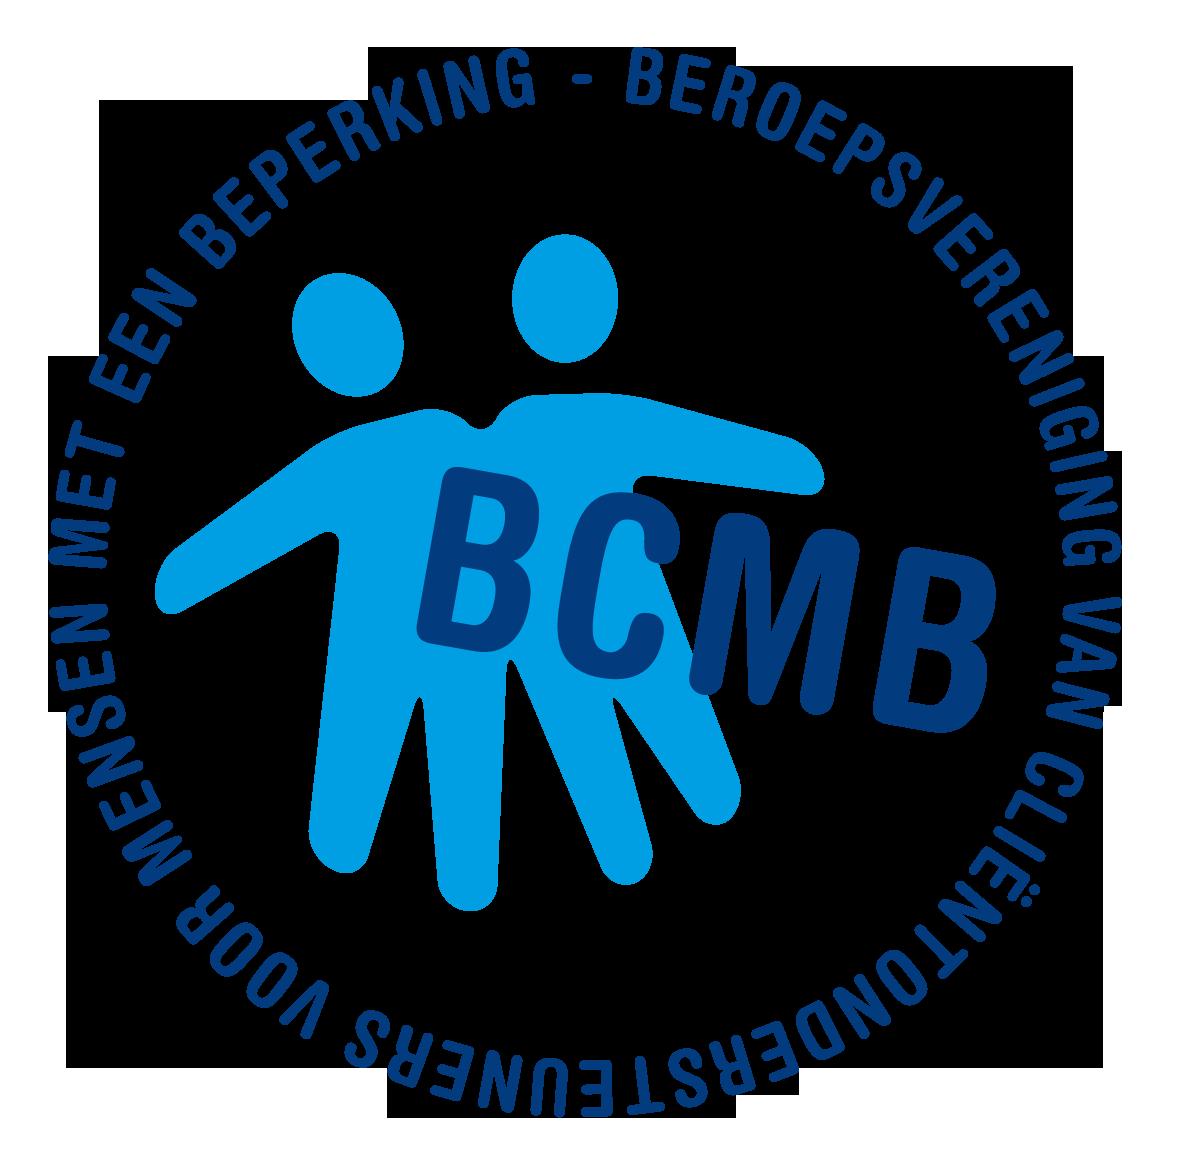 BCMB-LOGO-met-cirkel